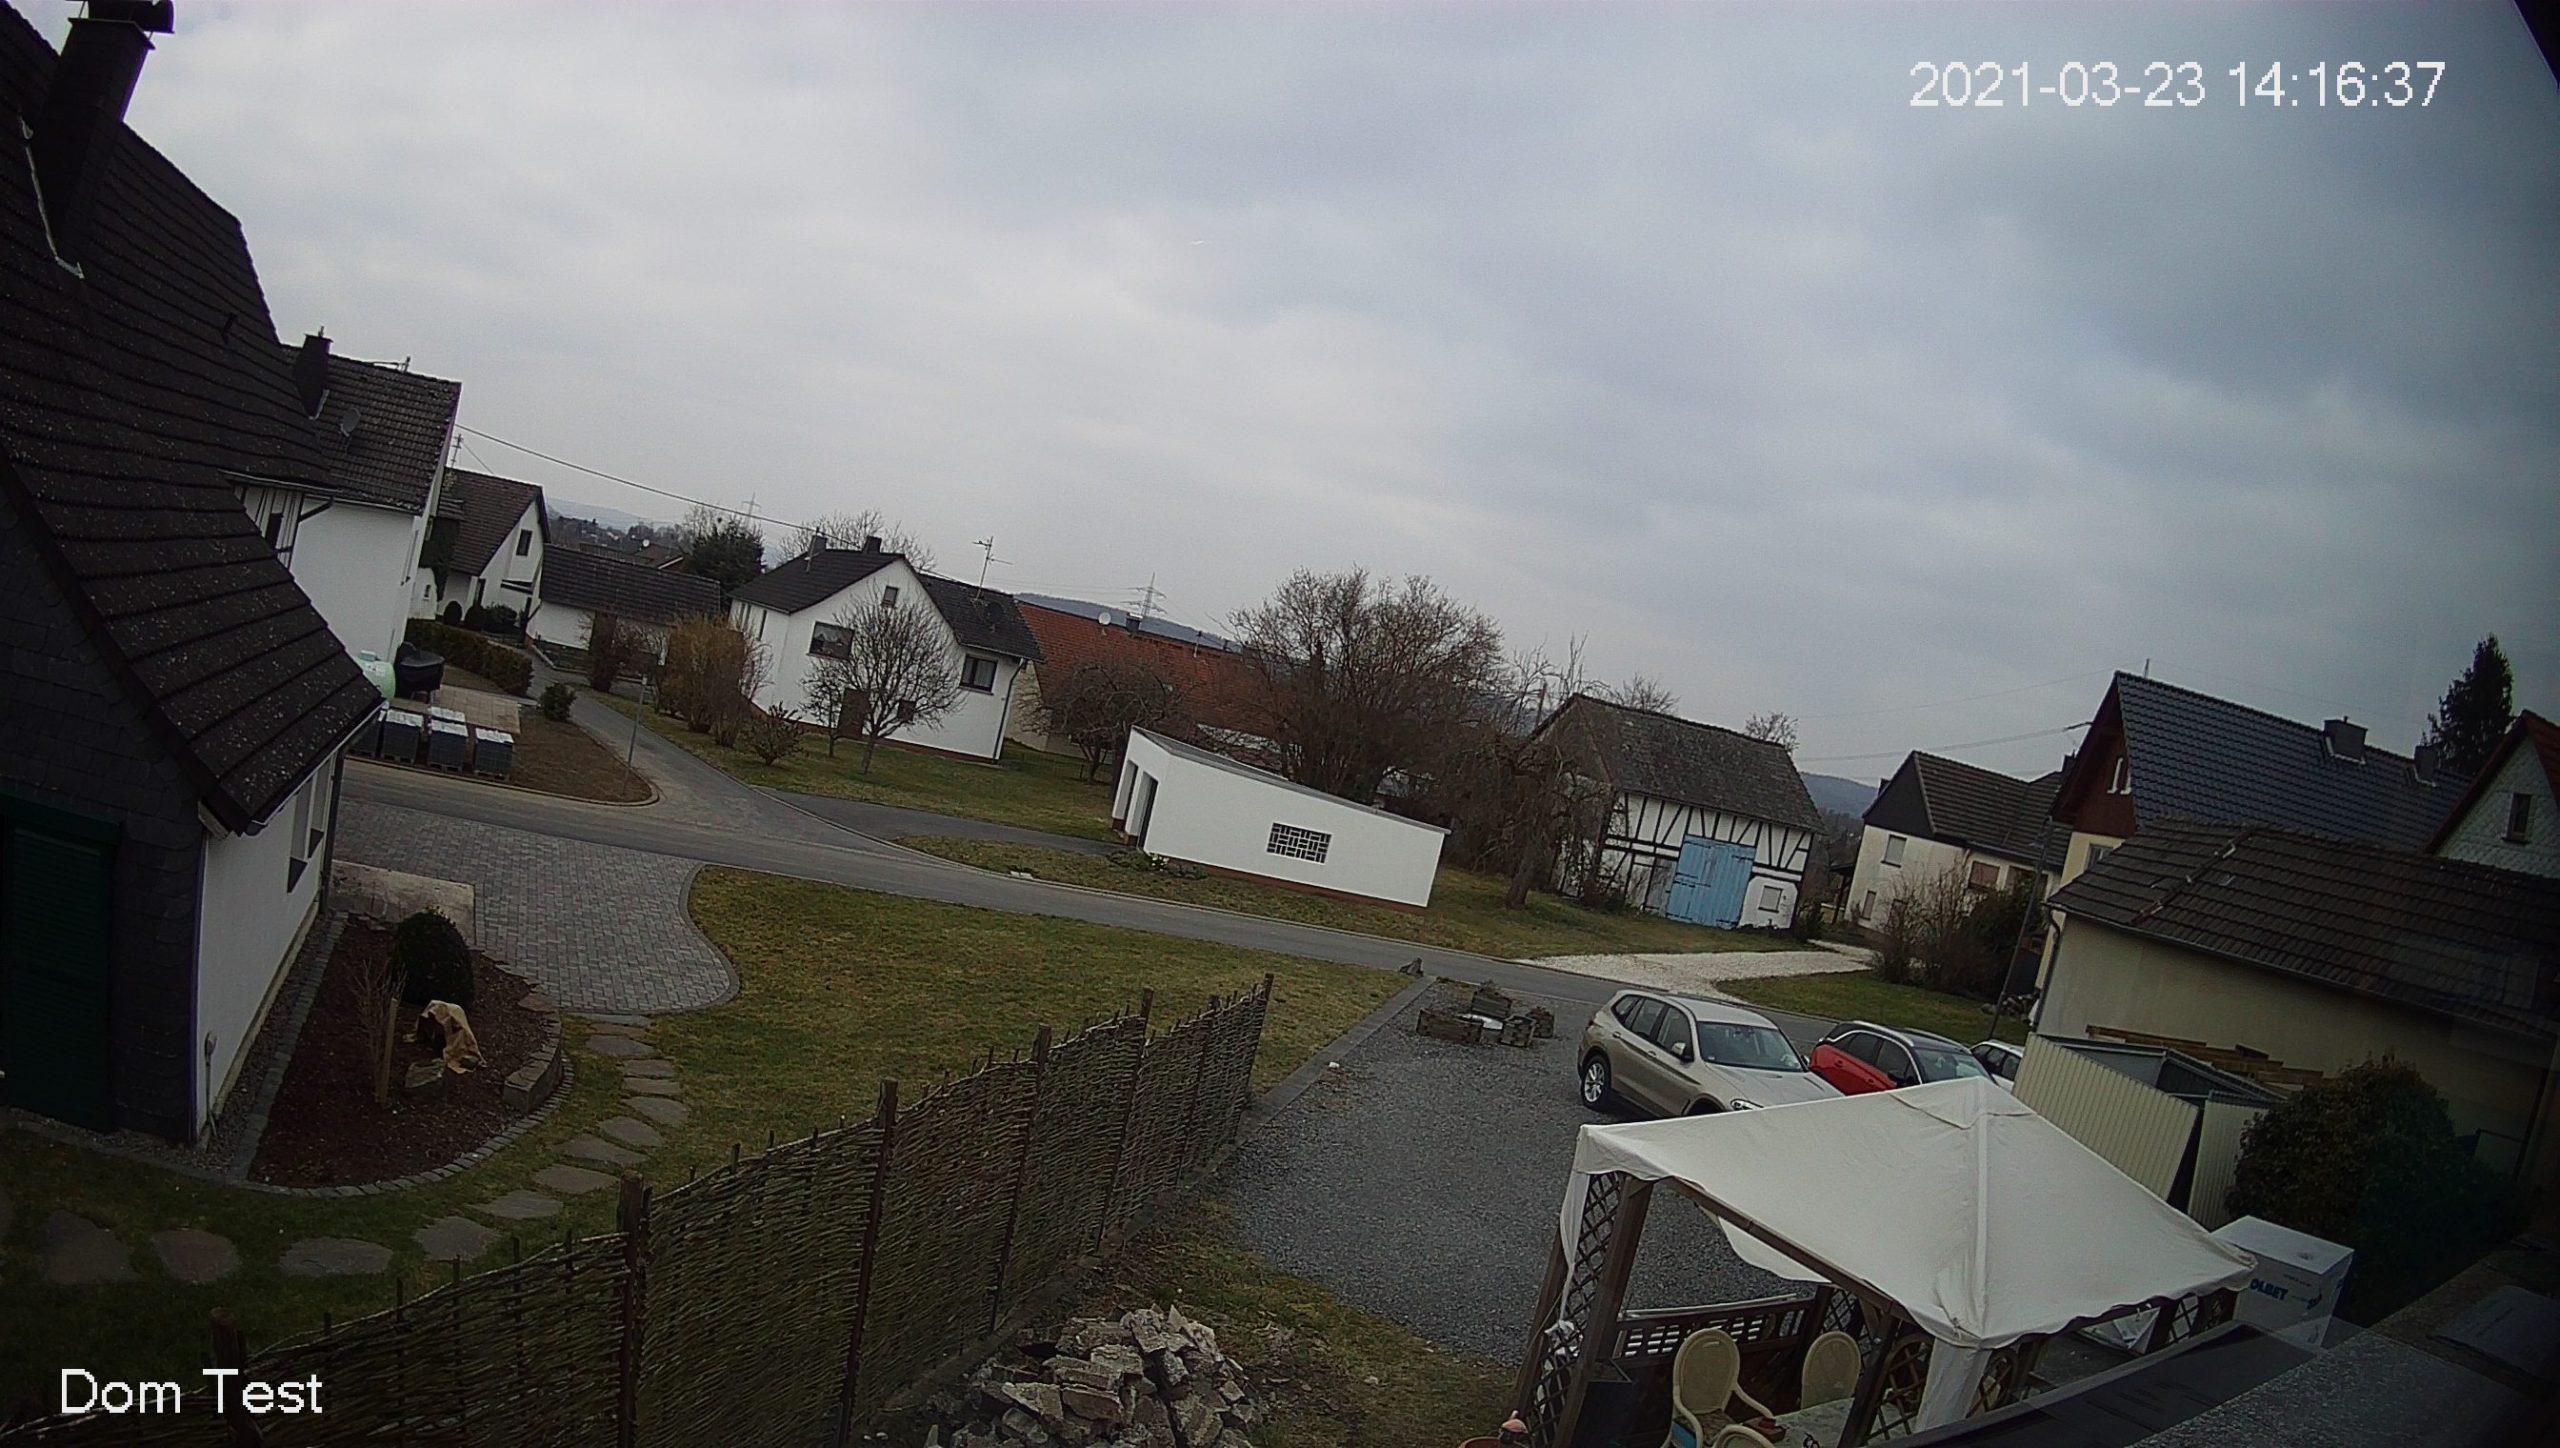 Essen-2021-03-23-14-42-01